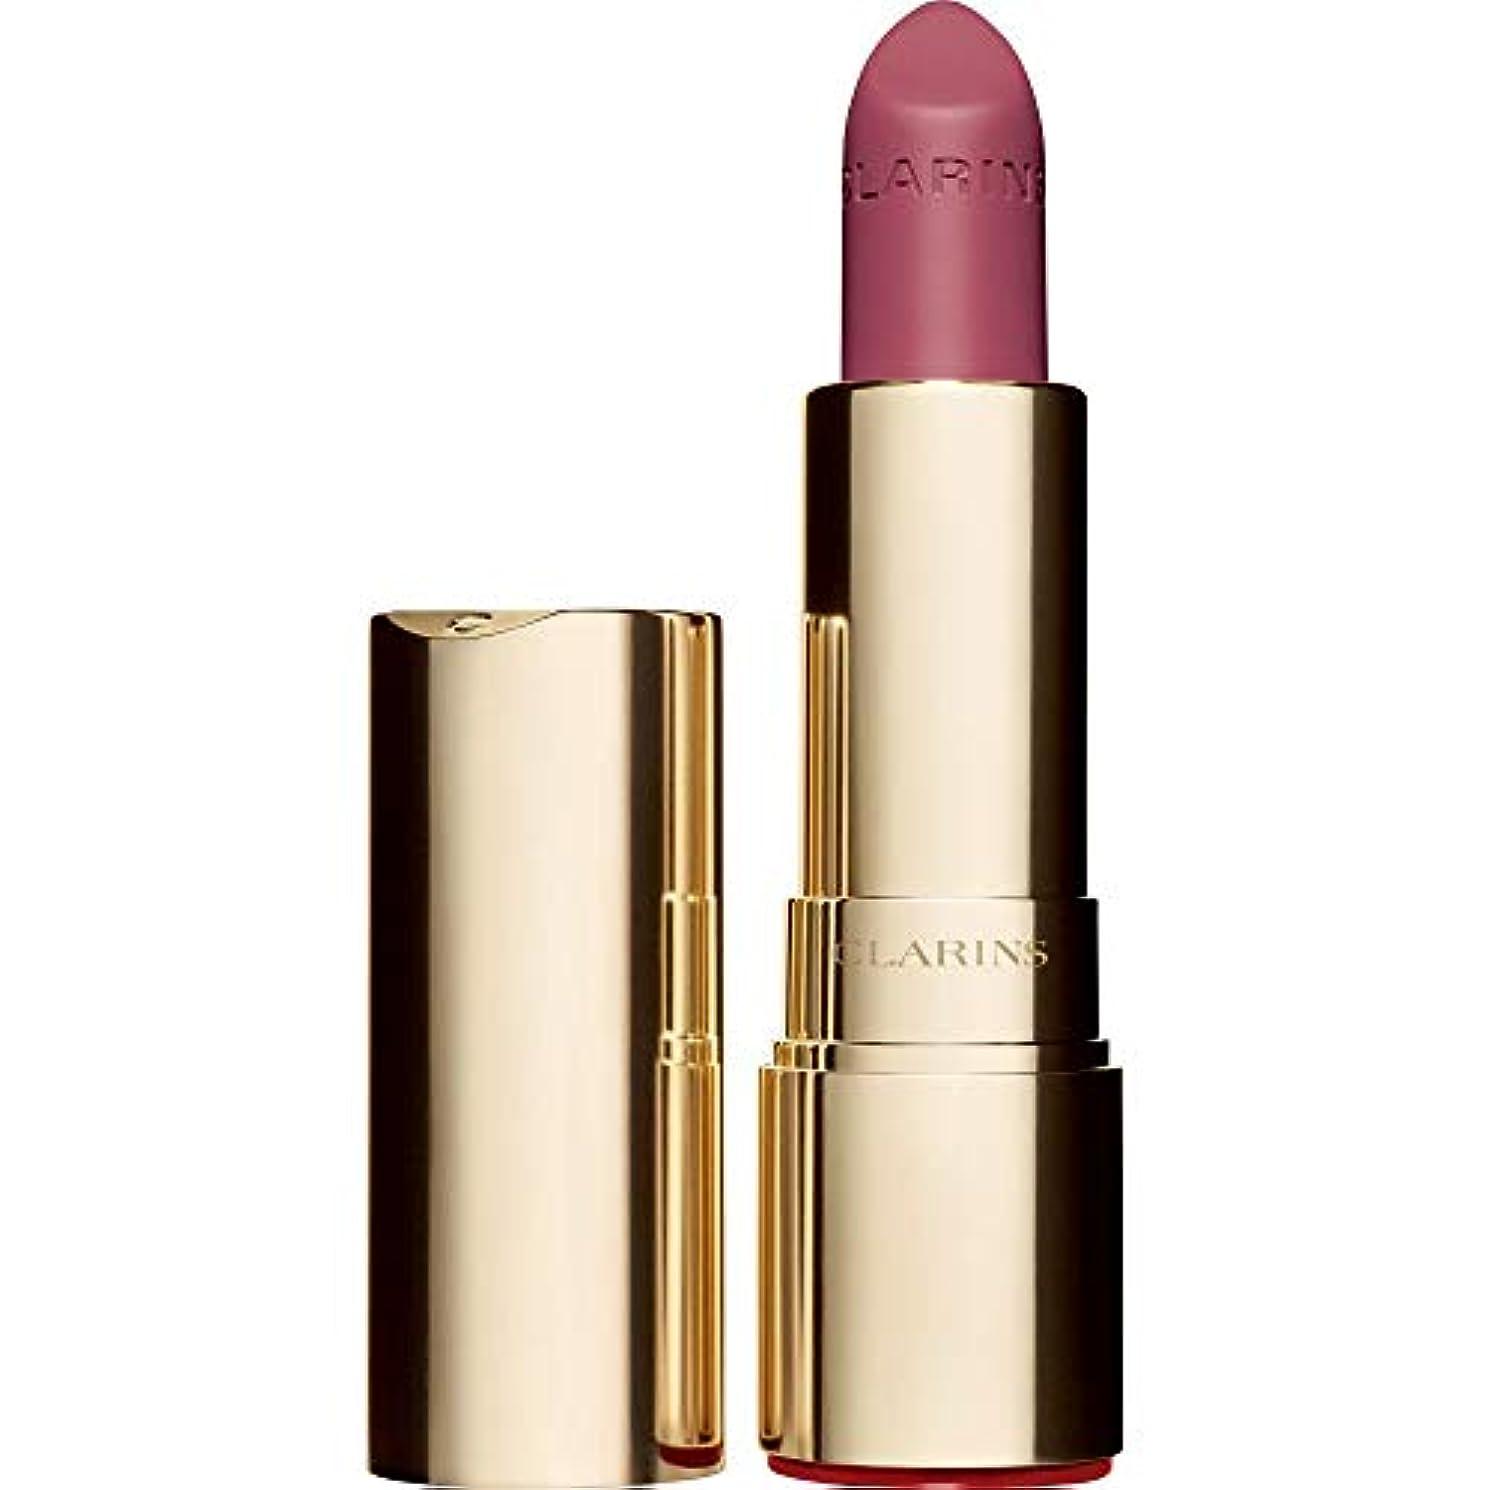 レイア管理倫理的[Clarins ] クラランスジョリルージュのベルベットの口紅3.5グラムの755V - レイシ - Clarins Joli Rouge Velvet Lipstick 3.5g 755V - Litchi [並行輸入品]